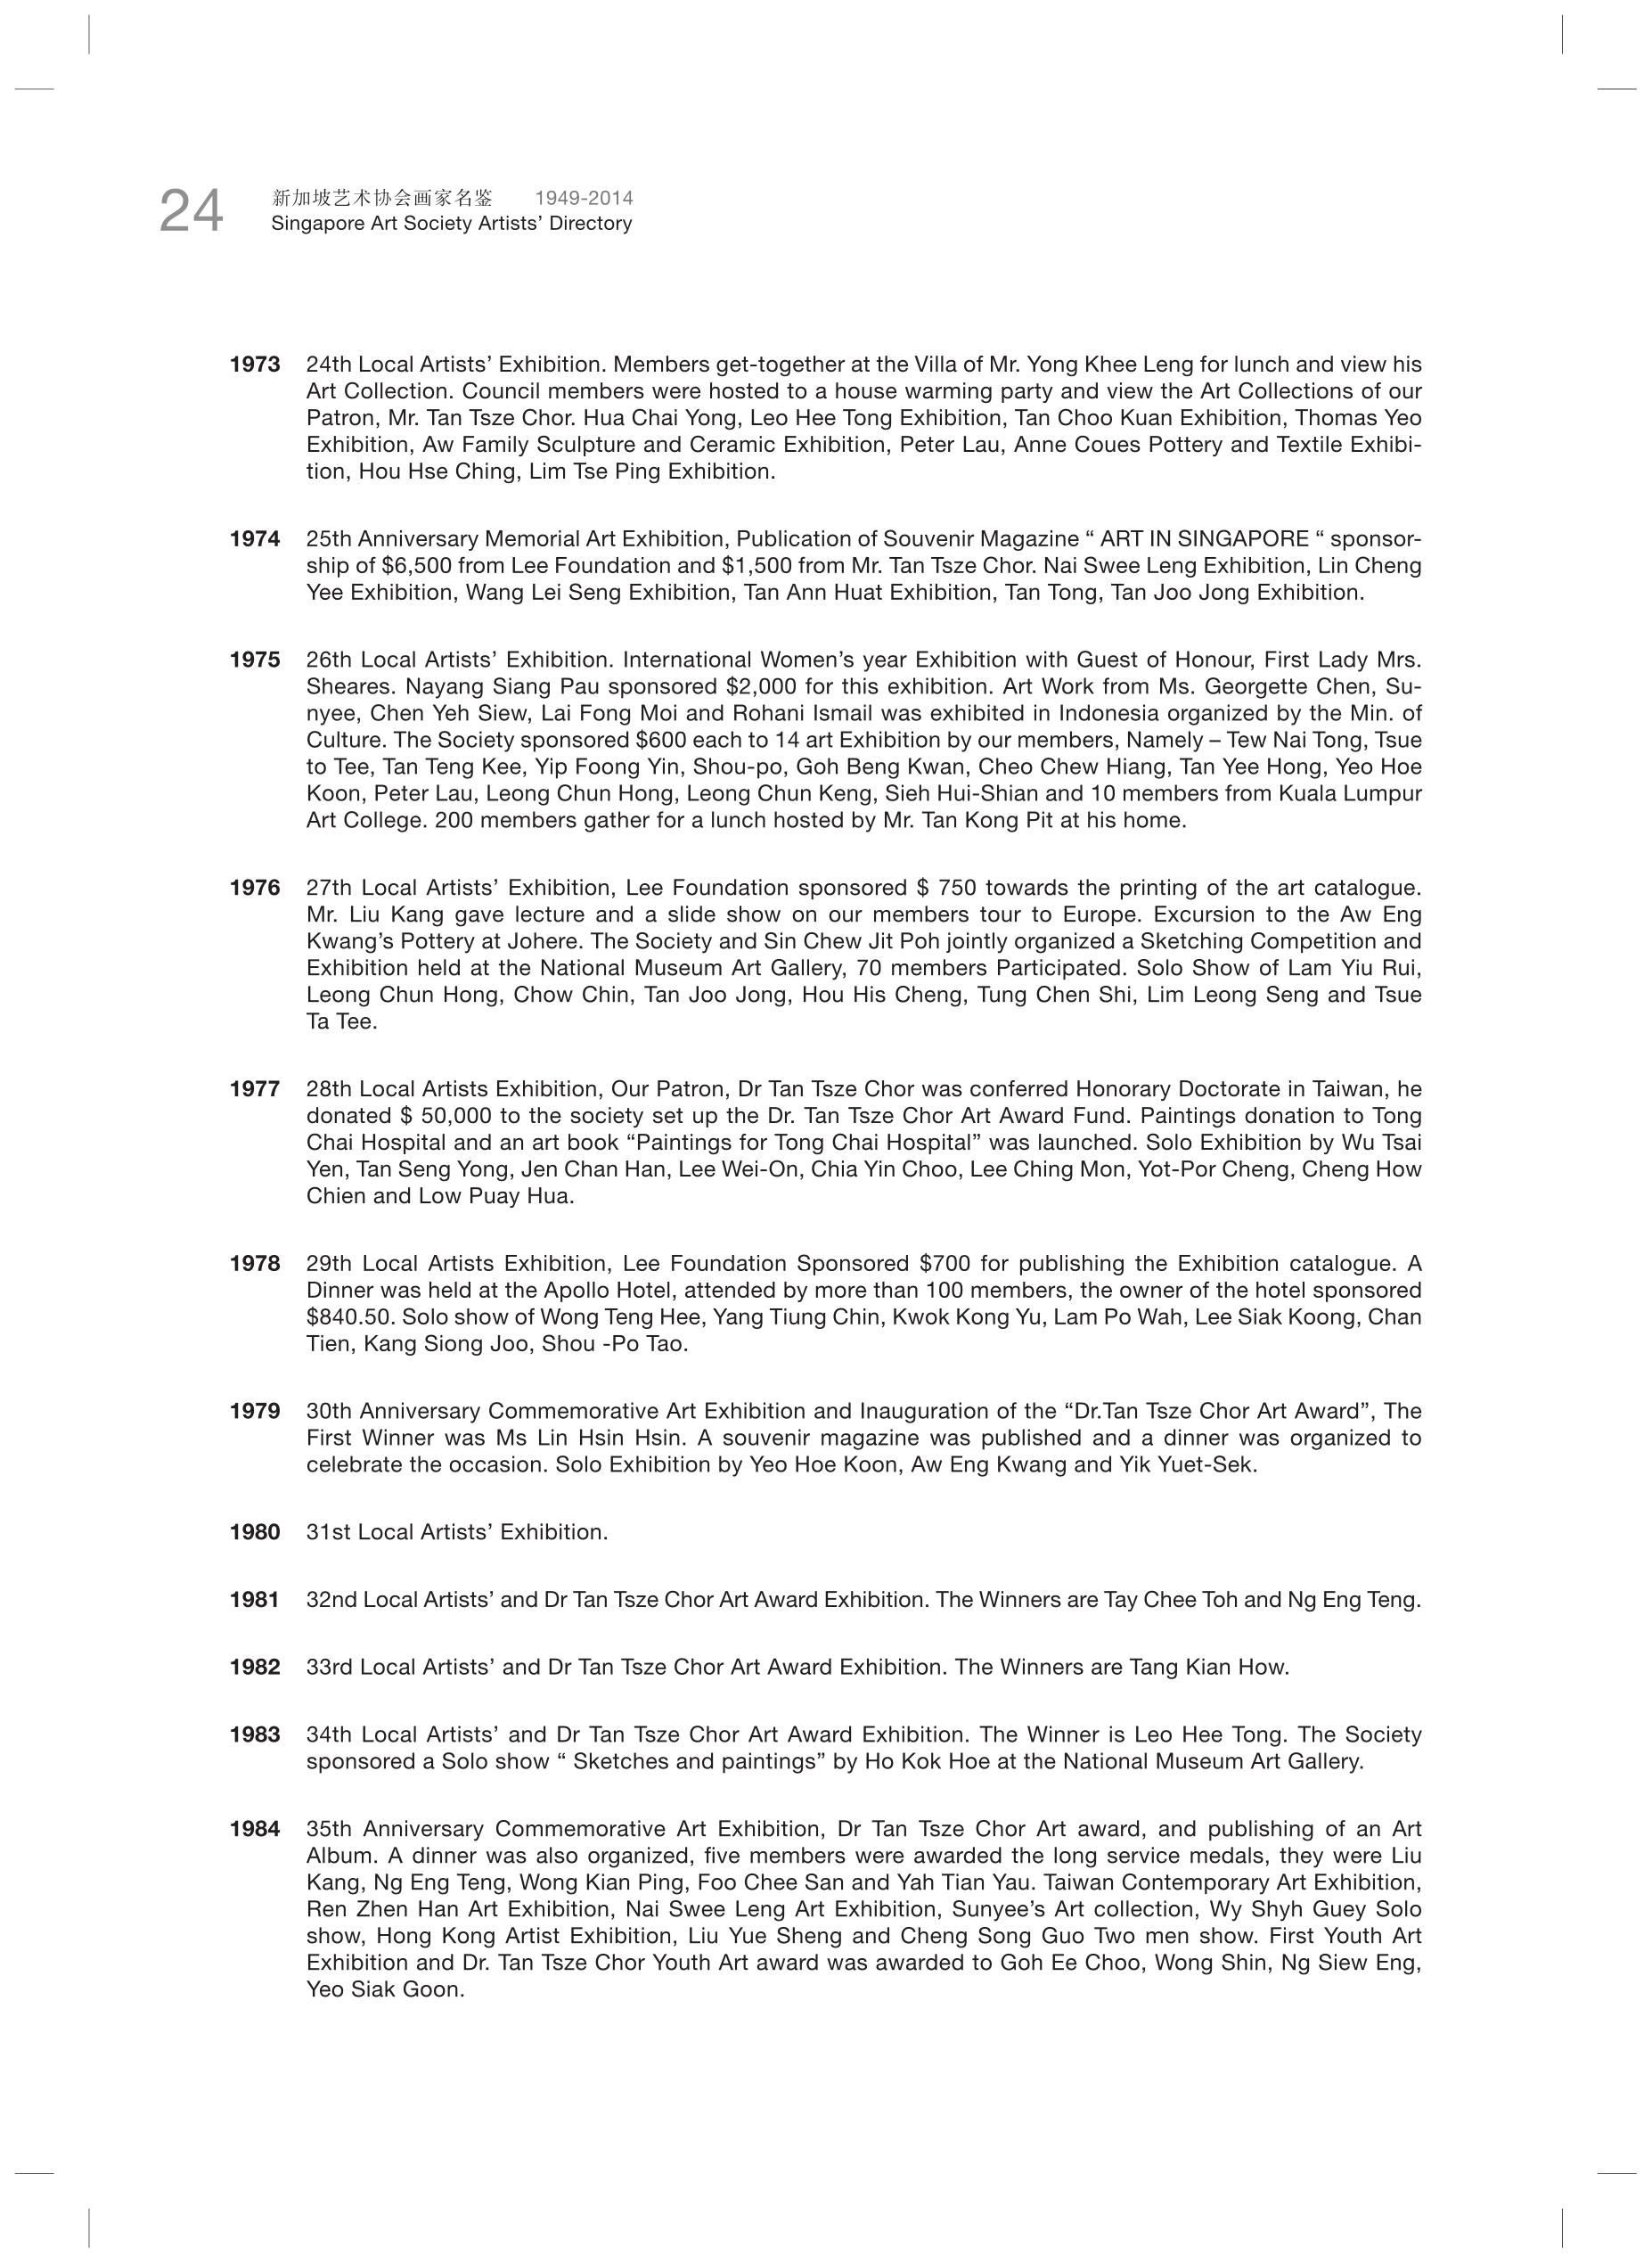 SG 65 inside_Part3-02